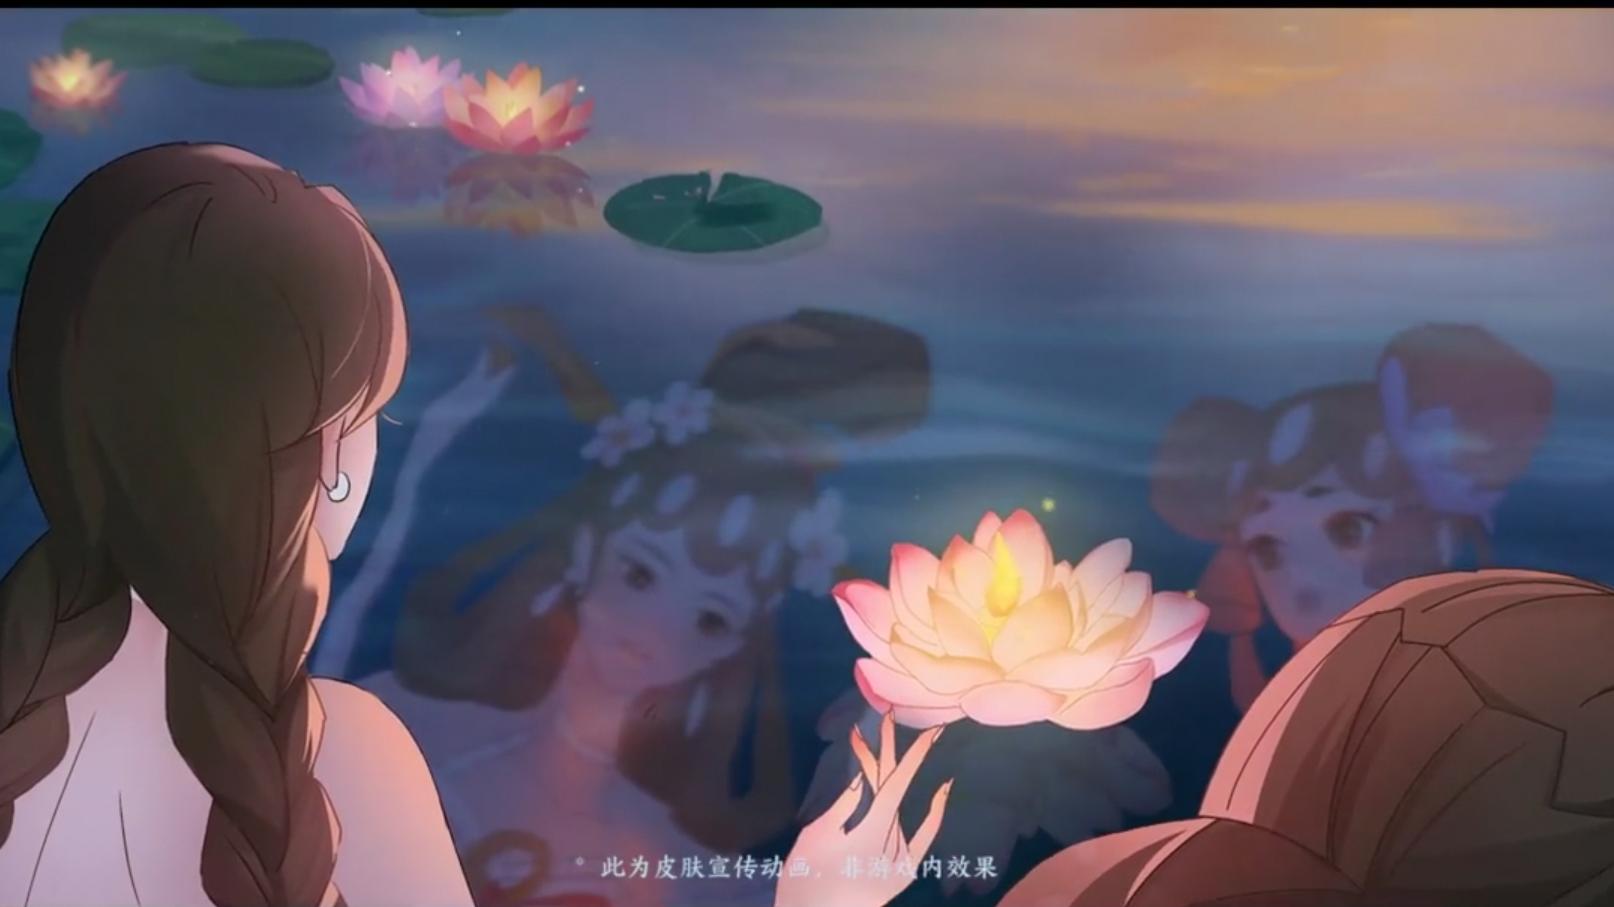 大小乔青白蛇皮肤宣传动画,姐妹再续今生缘【王者荣耀】